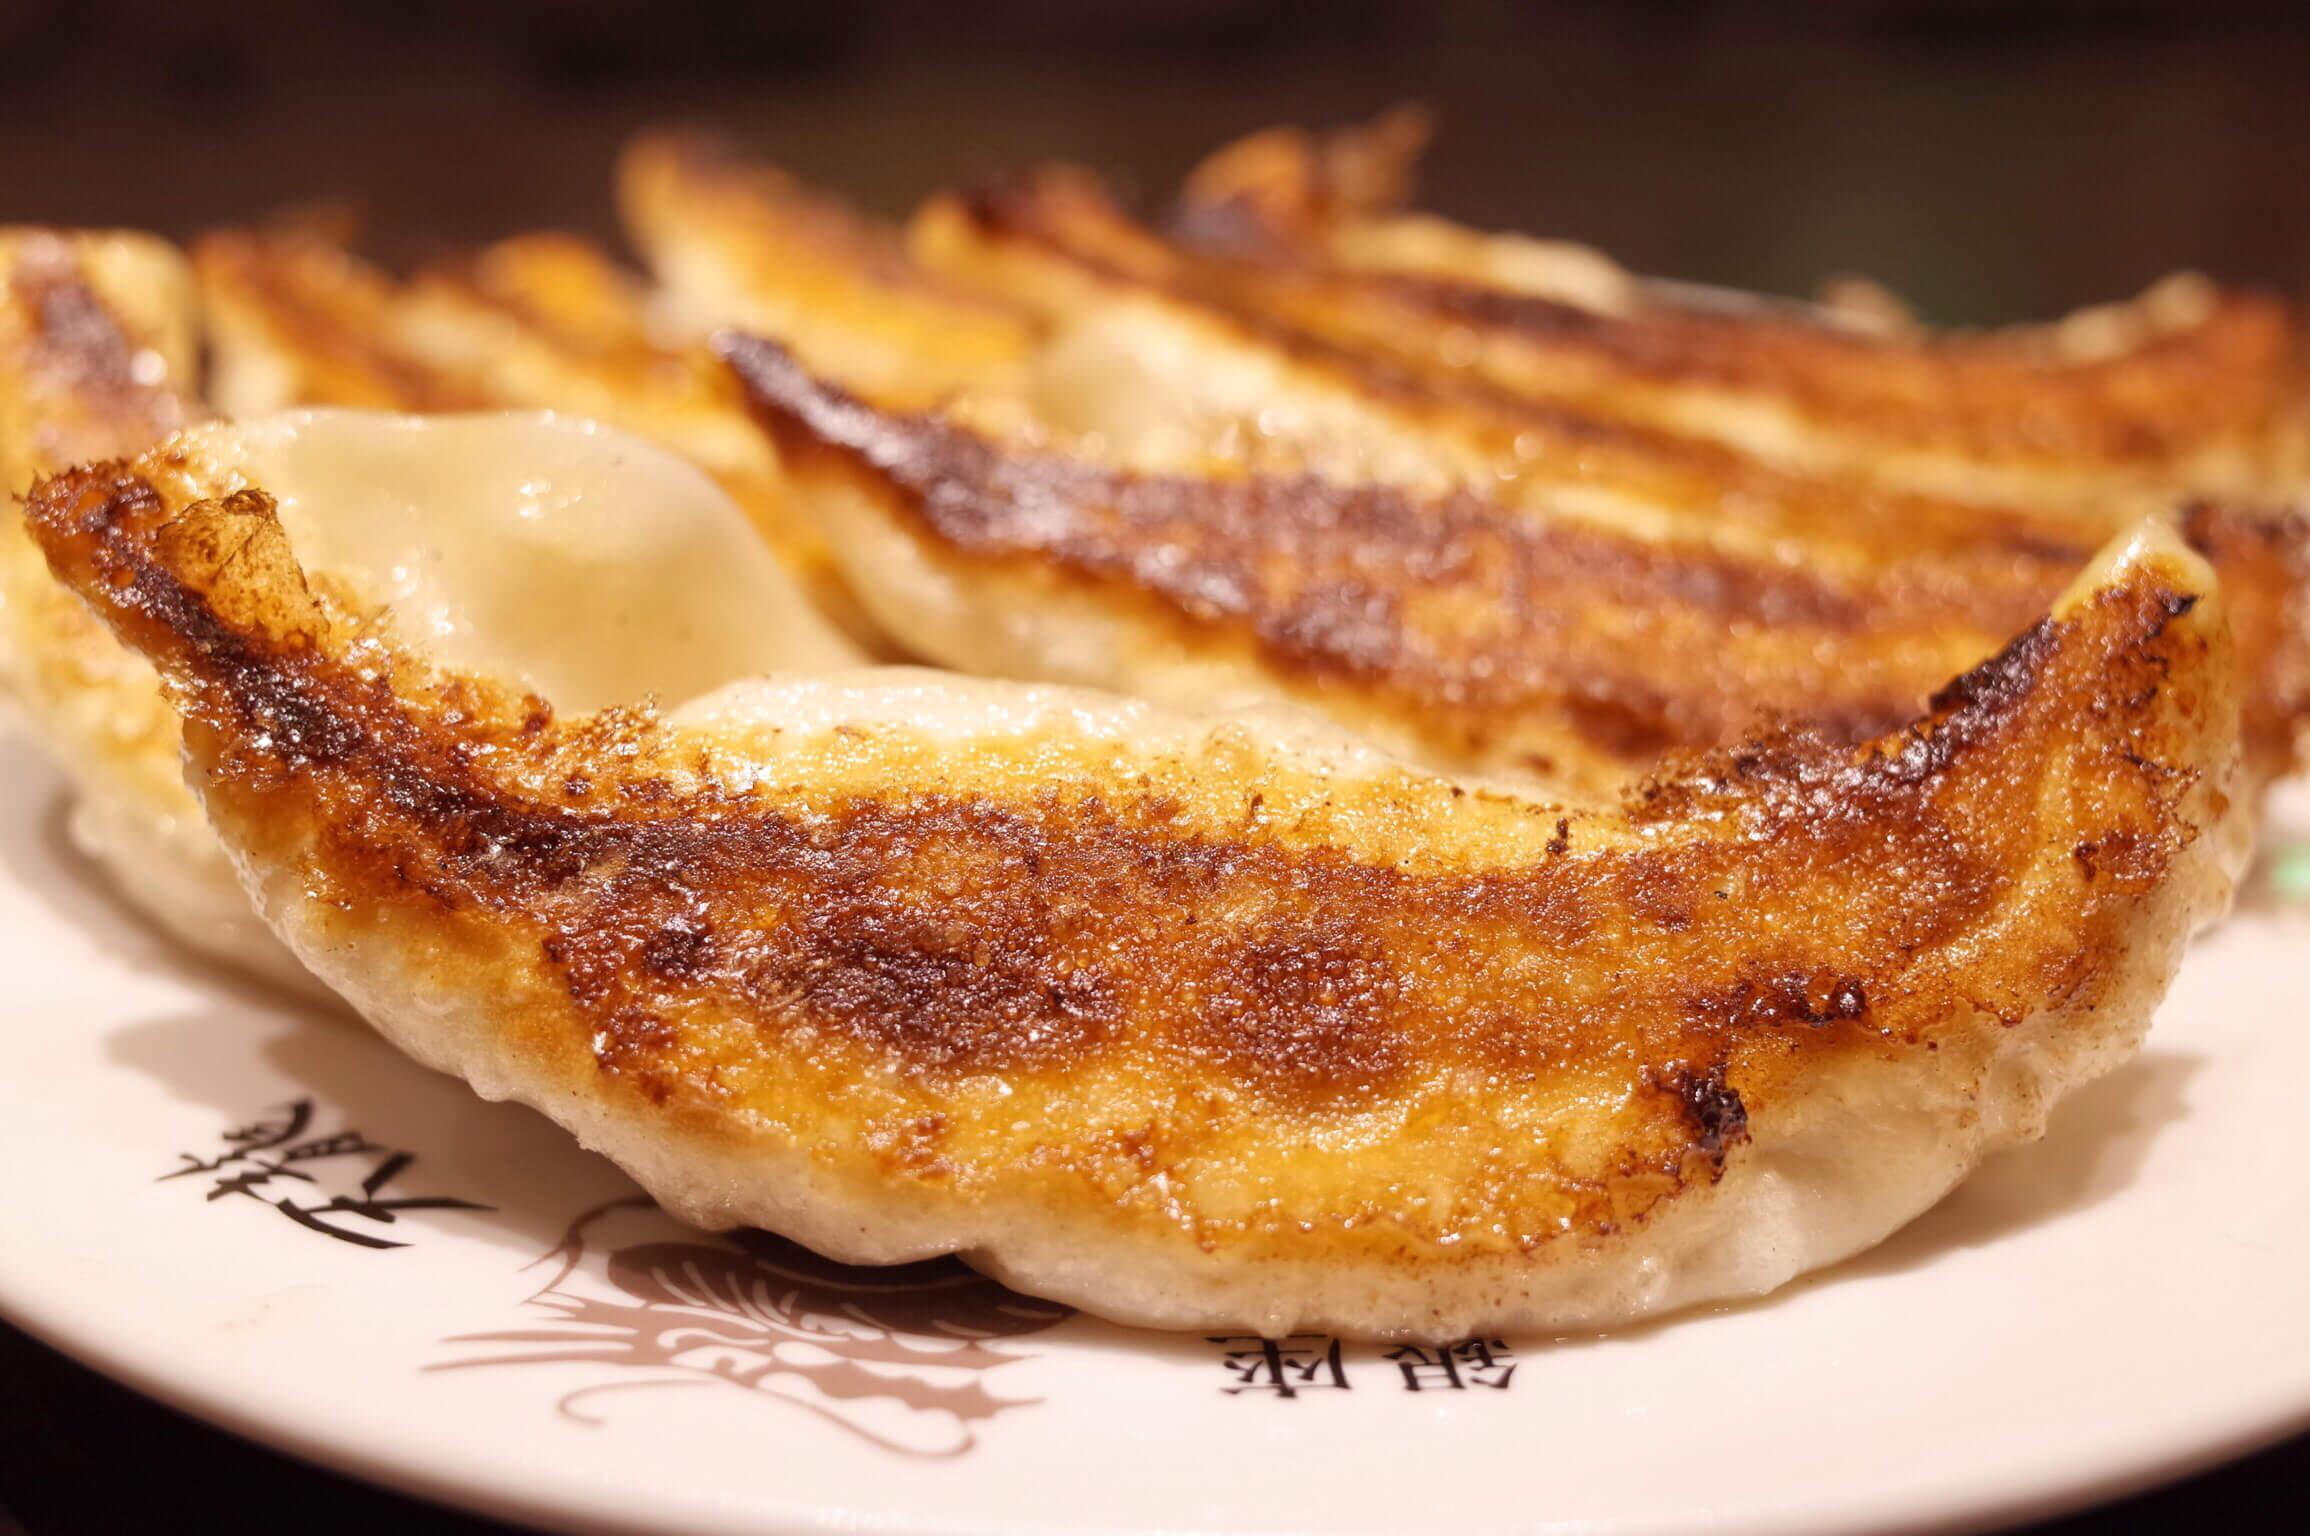 「銀座 天龍」で名物のジャンボ焼き餃子を食らう!ボリューム多くて一人前でお腹いっぱい